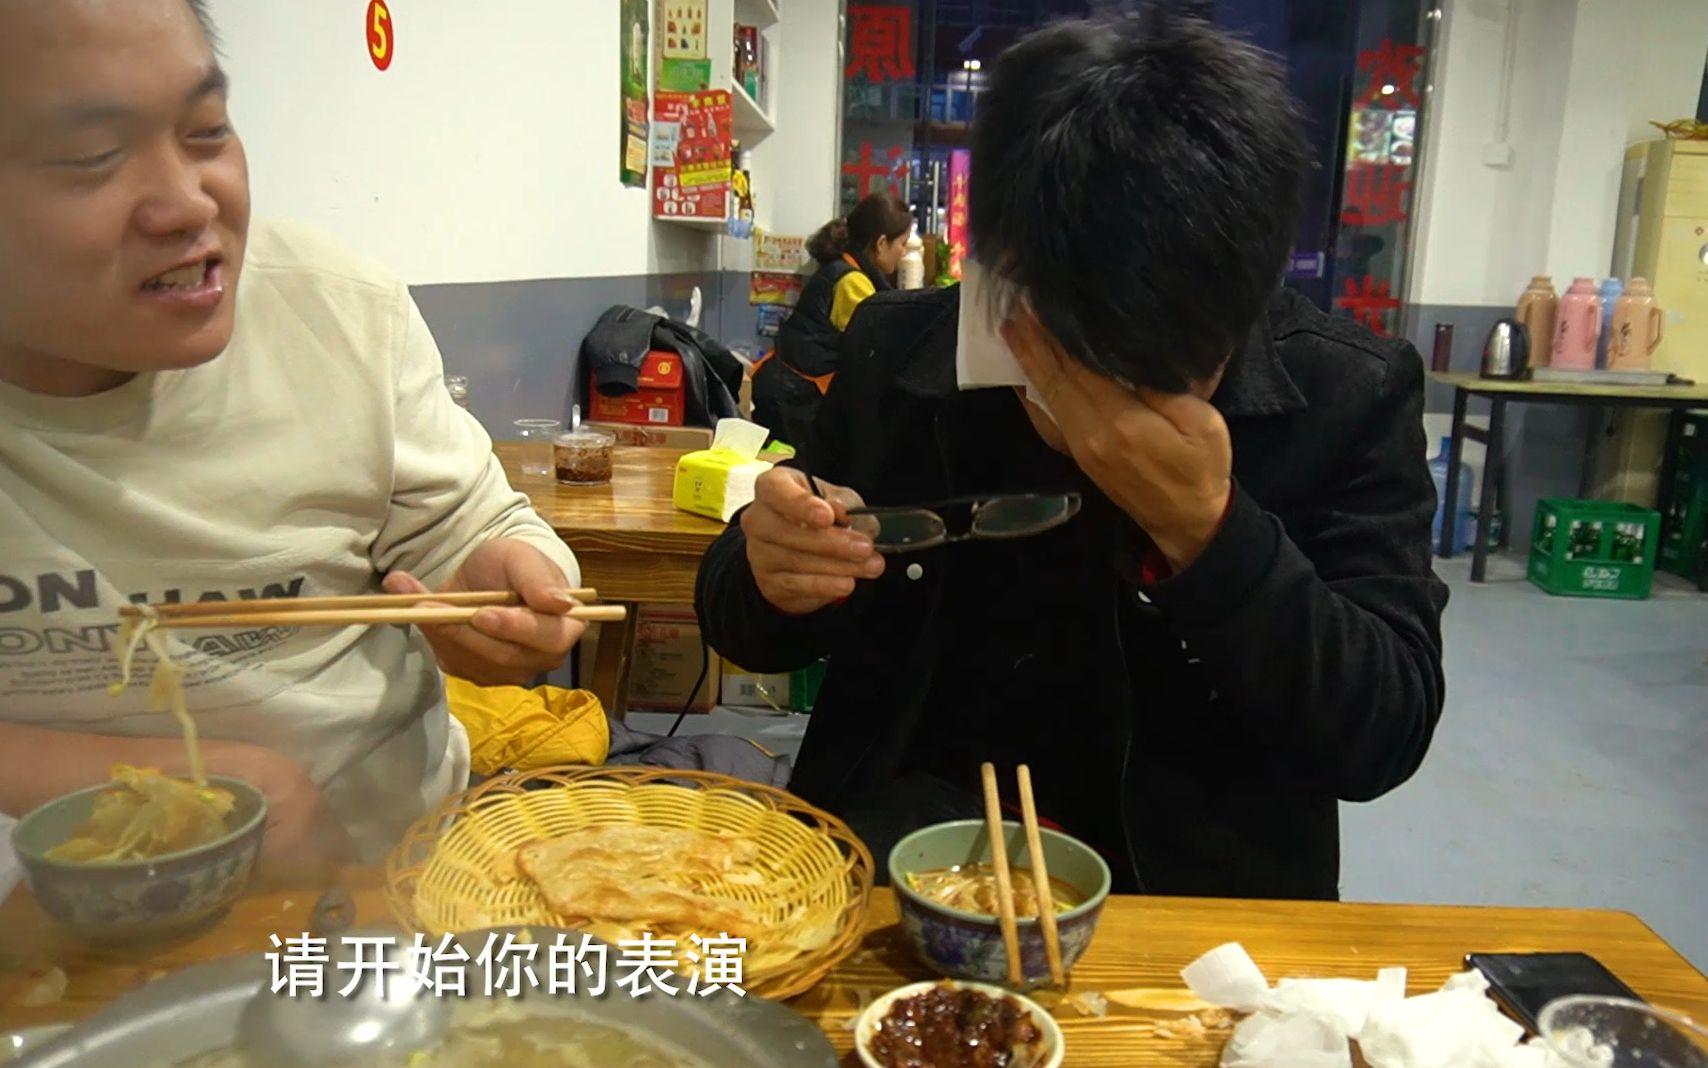 大sao和朋友吃全牛馆,牛鞭牛杂烩一大锅,辣椒油裹烧饼,辣到想哭